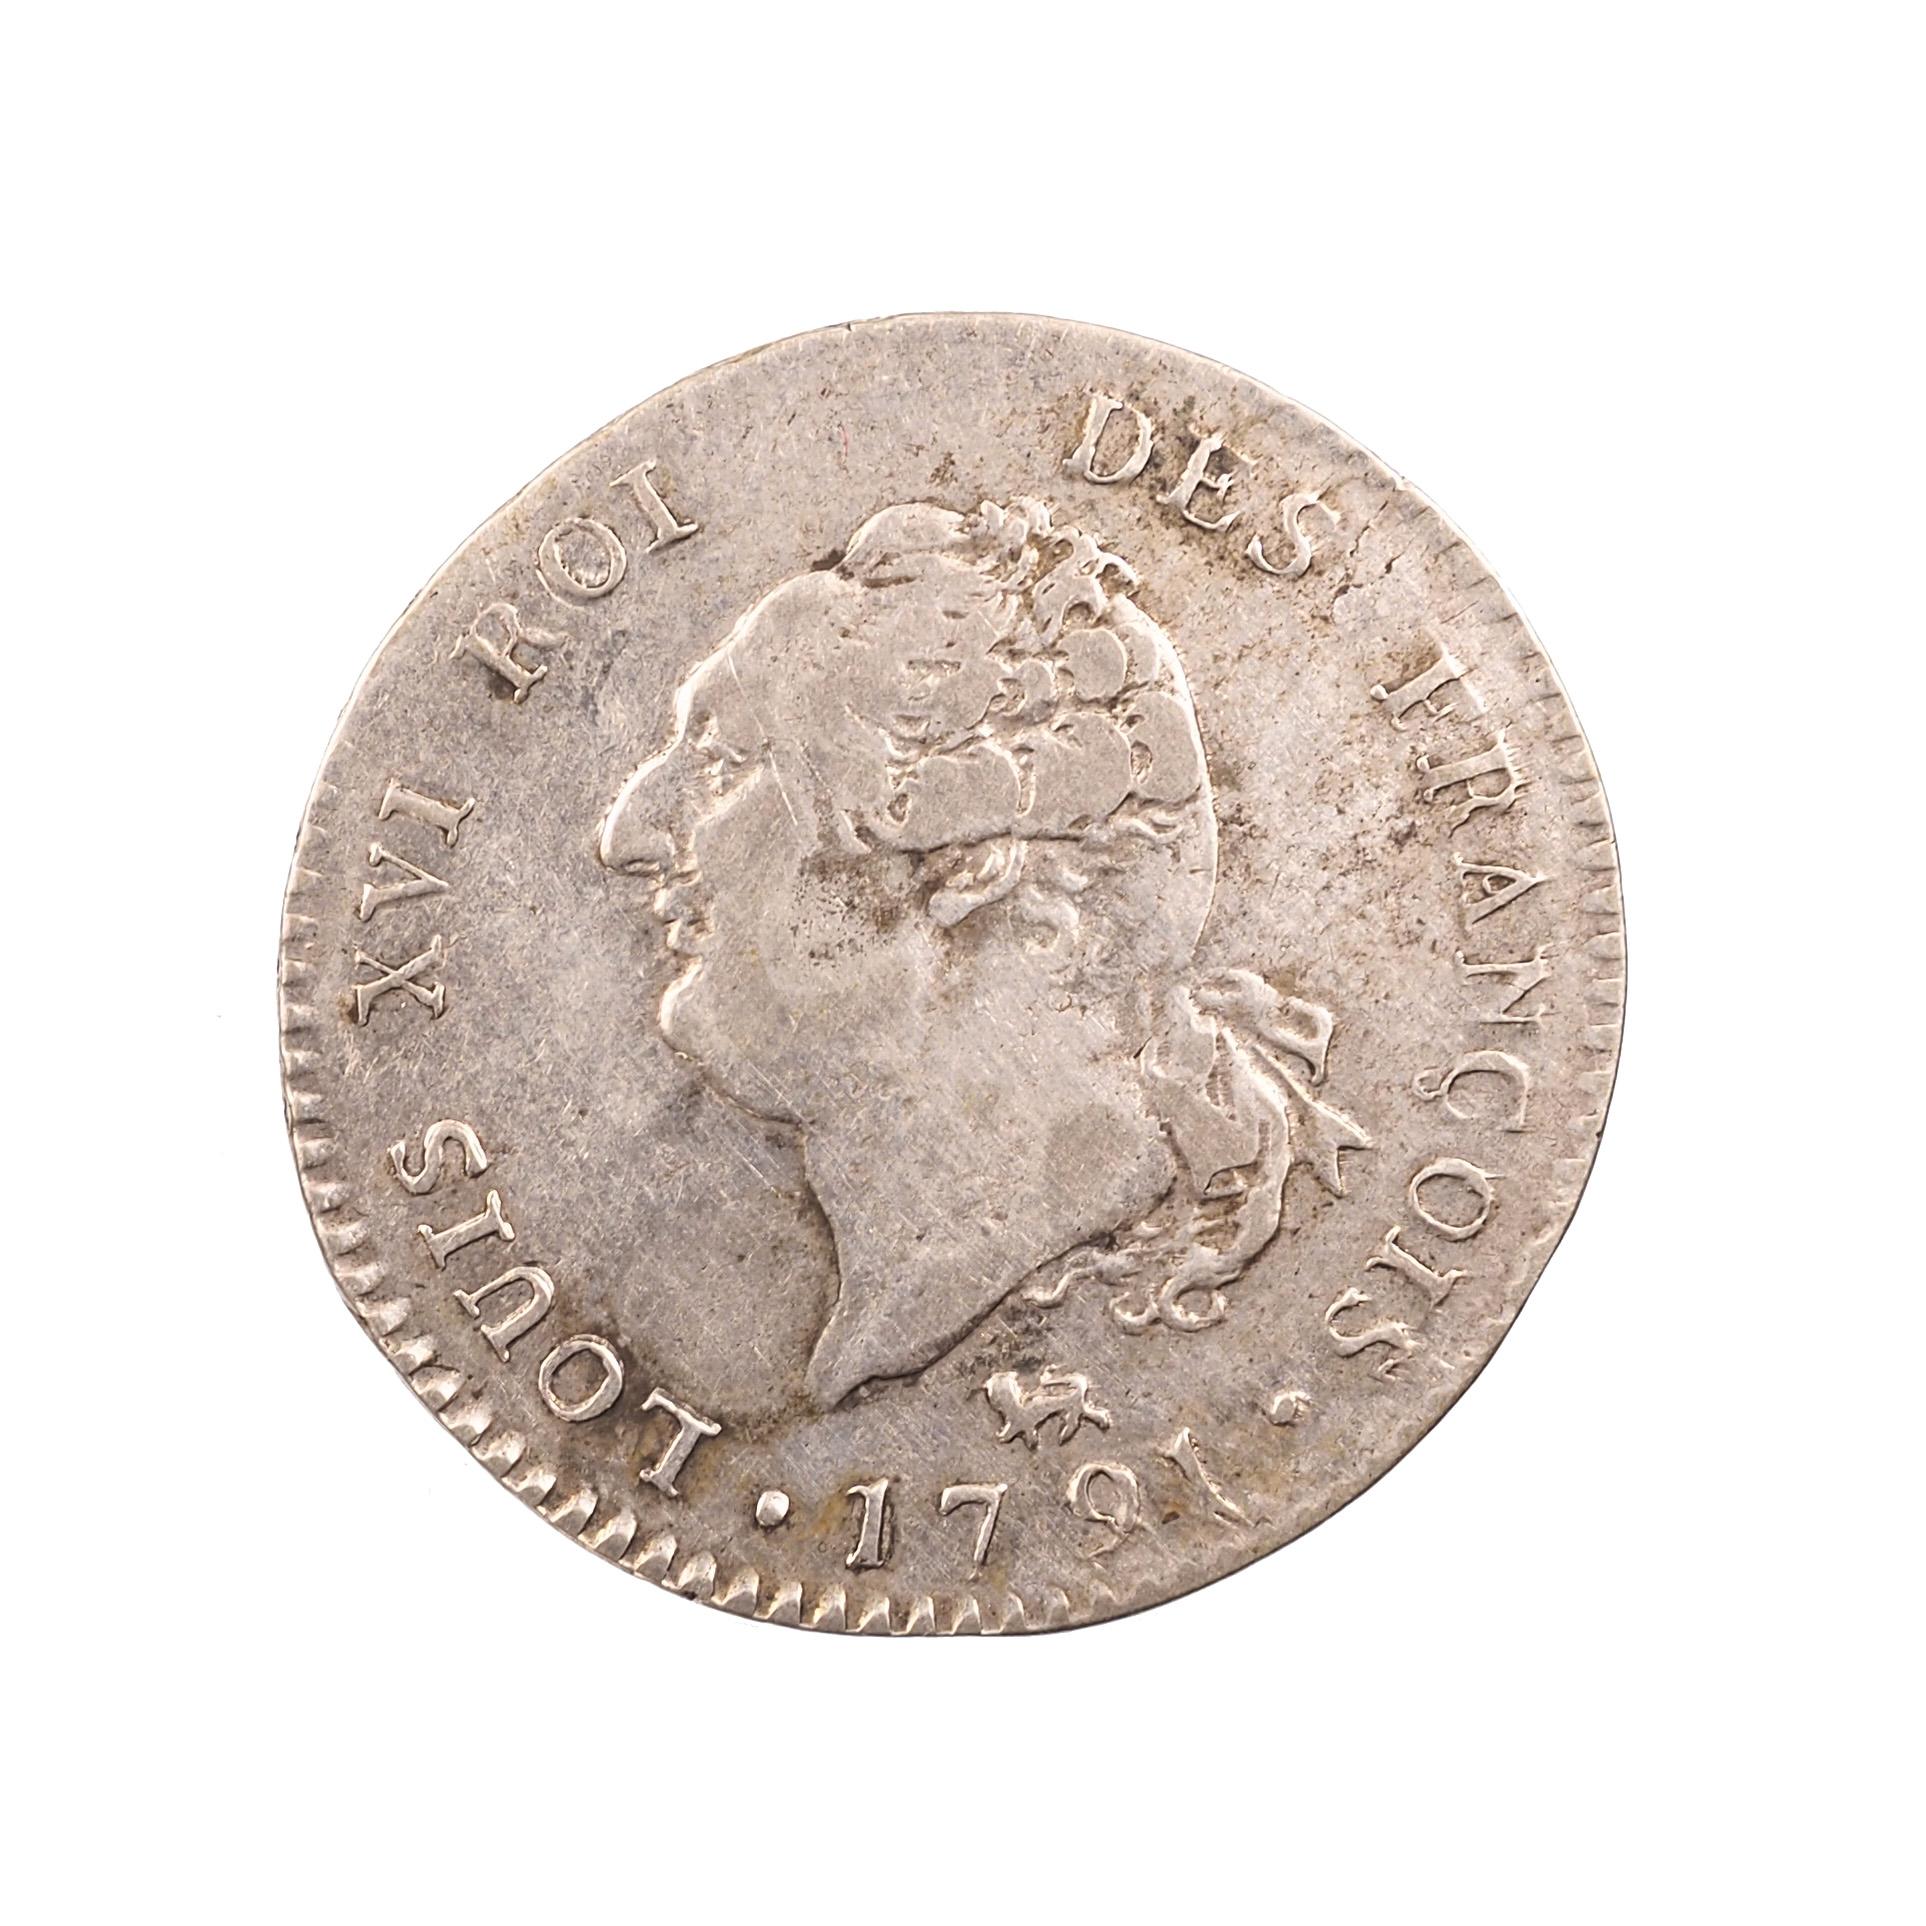 Louis XVI (1774-1792), 30 Sols 1791 A, Paris, 1er Trimestre, Argent, TTB, Gad 39